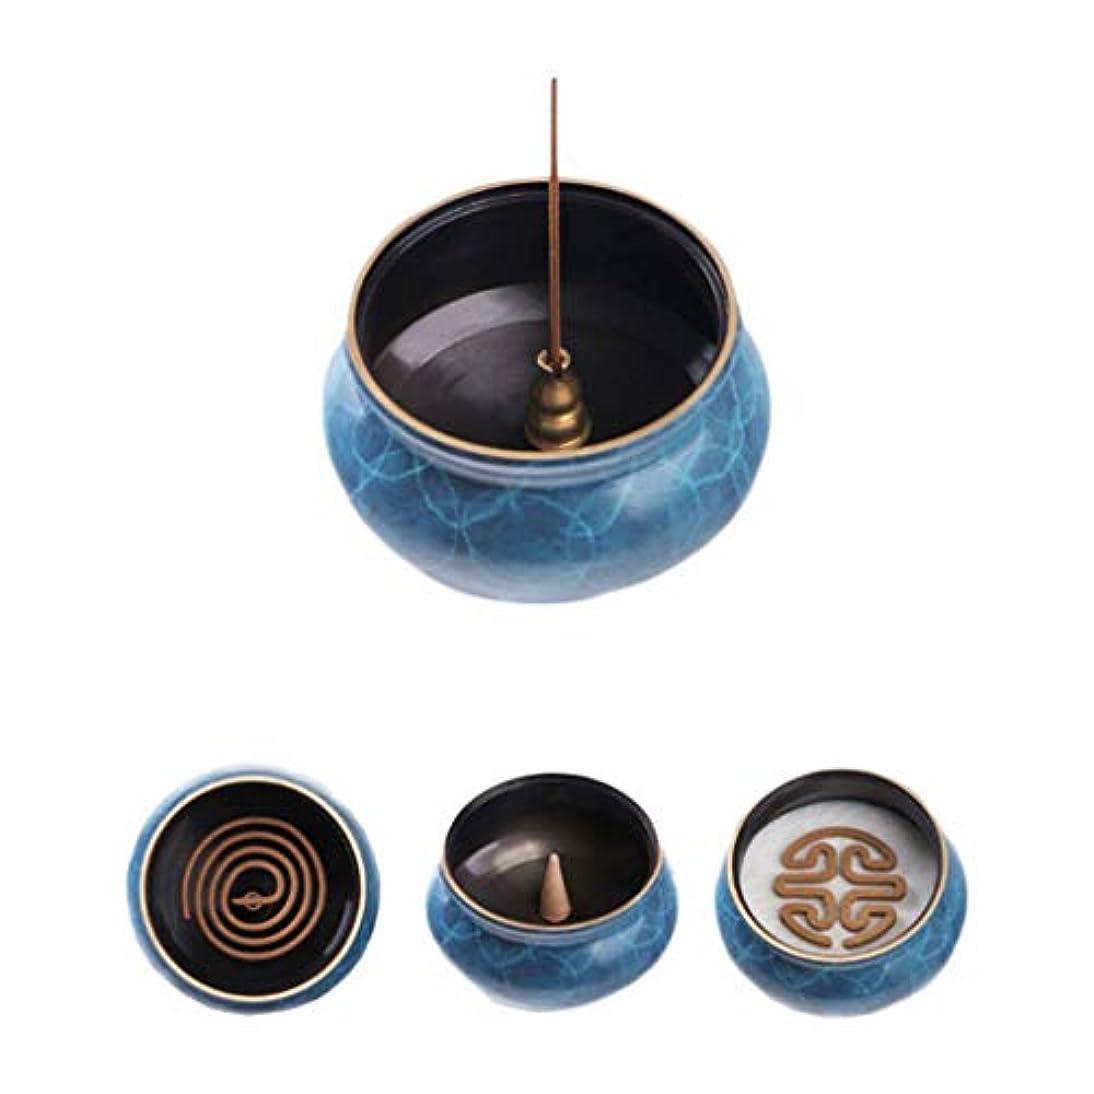 新聞申し立て踊り子ホームアロマバーナー 純粋な銅香炉ホームアンティーク白檀用仏寒天香炉香り装飾アロマセラピー炉 アロマバーナー (Color : Blue copper)